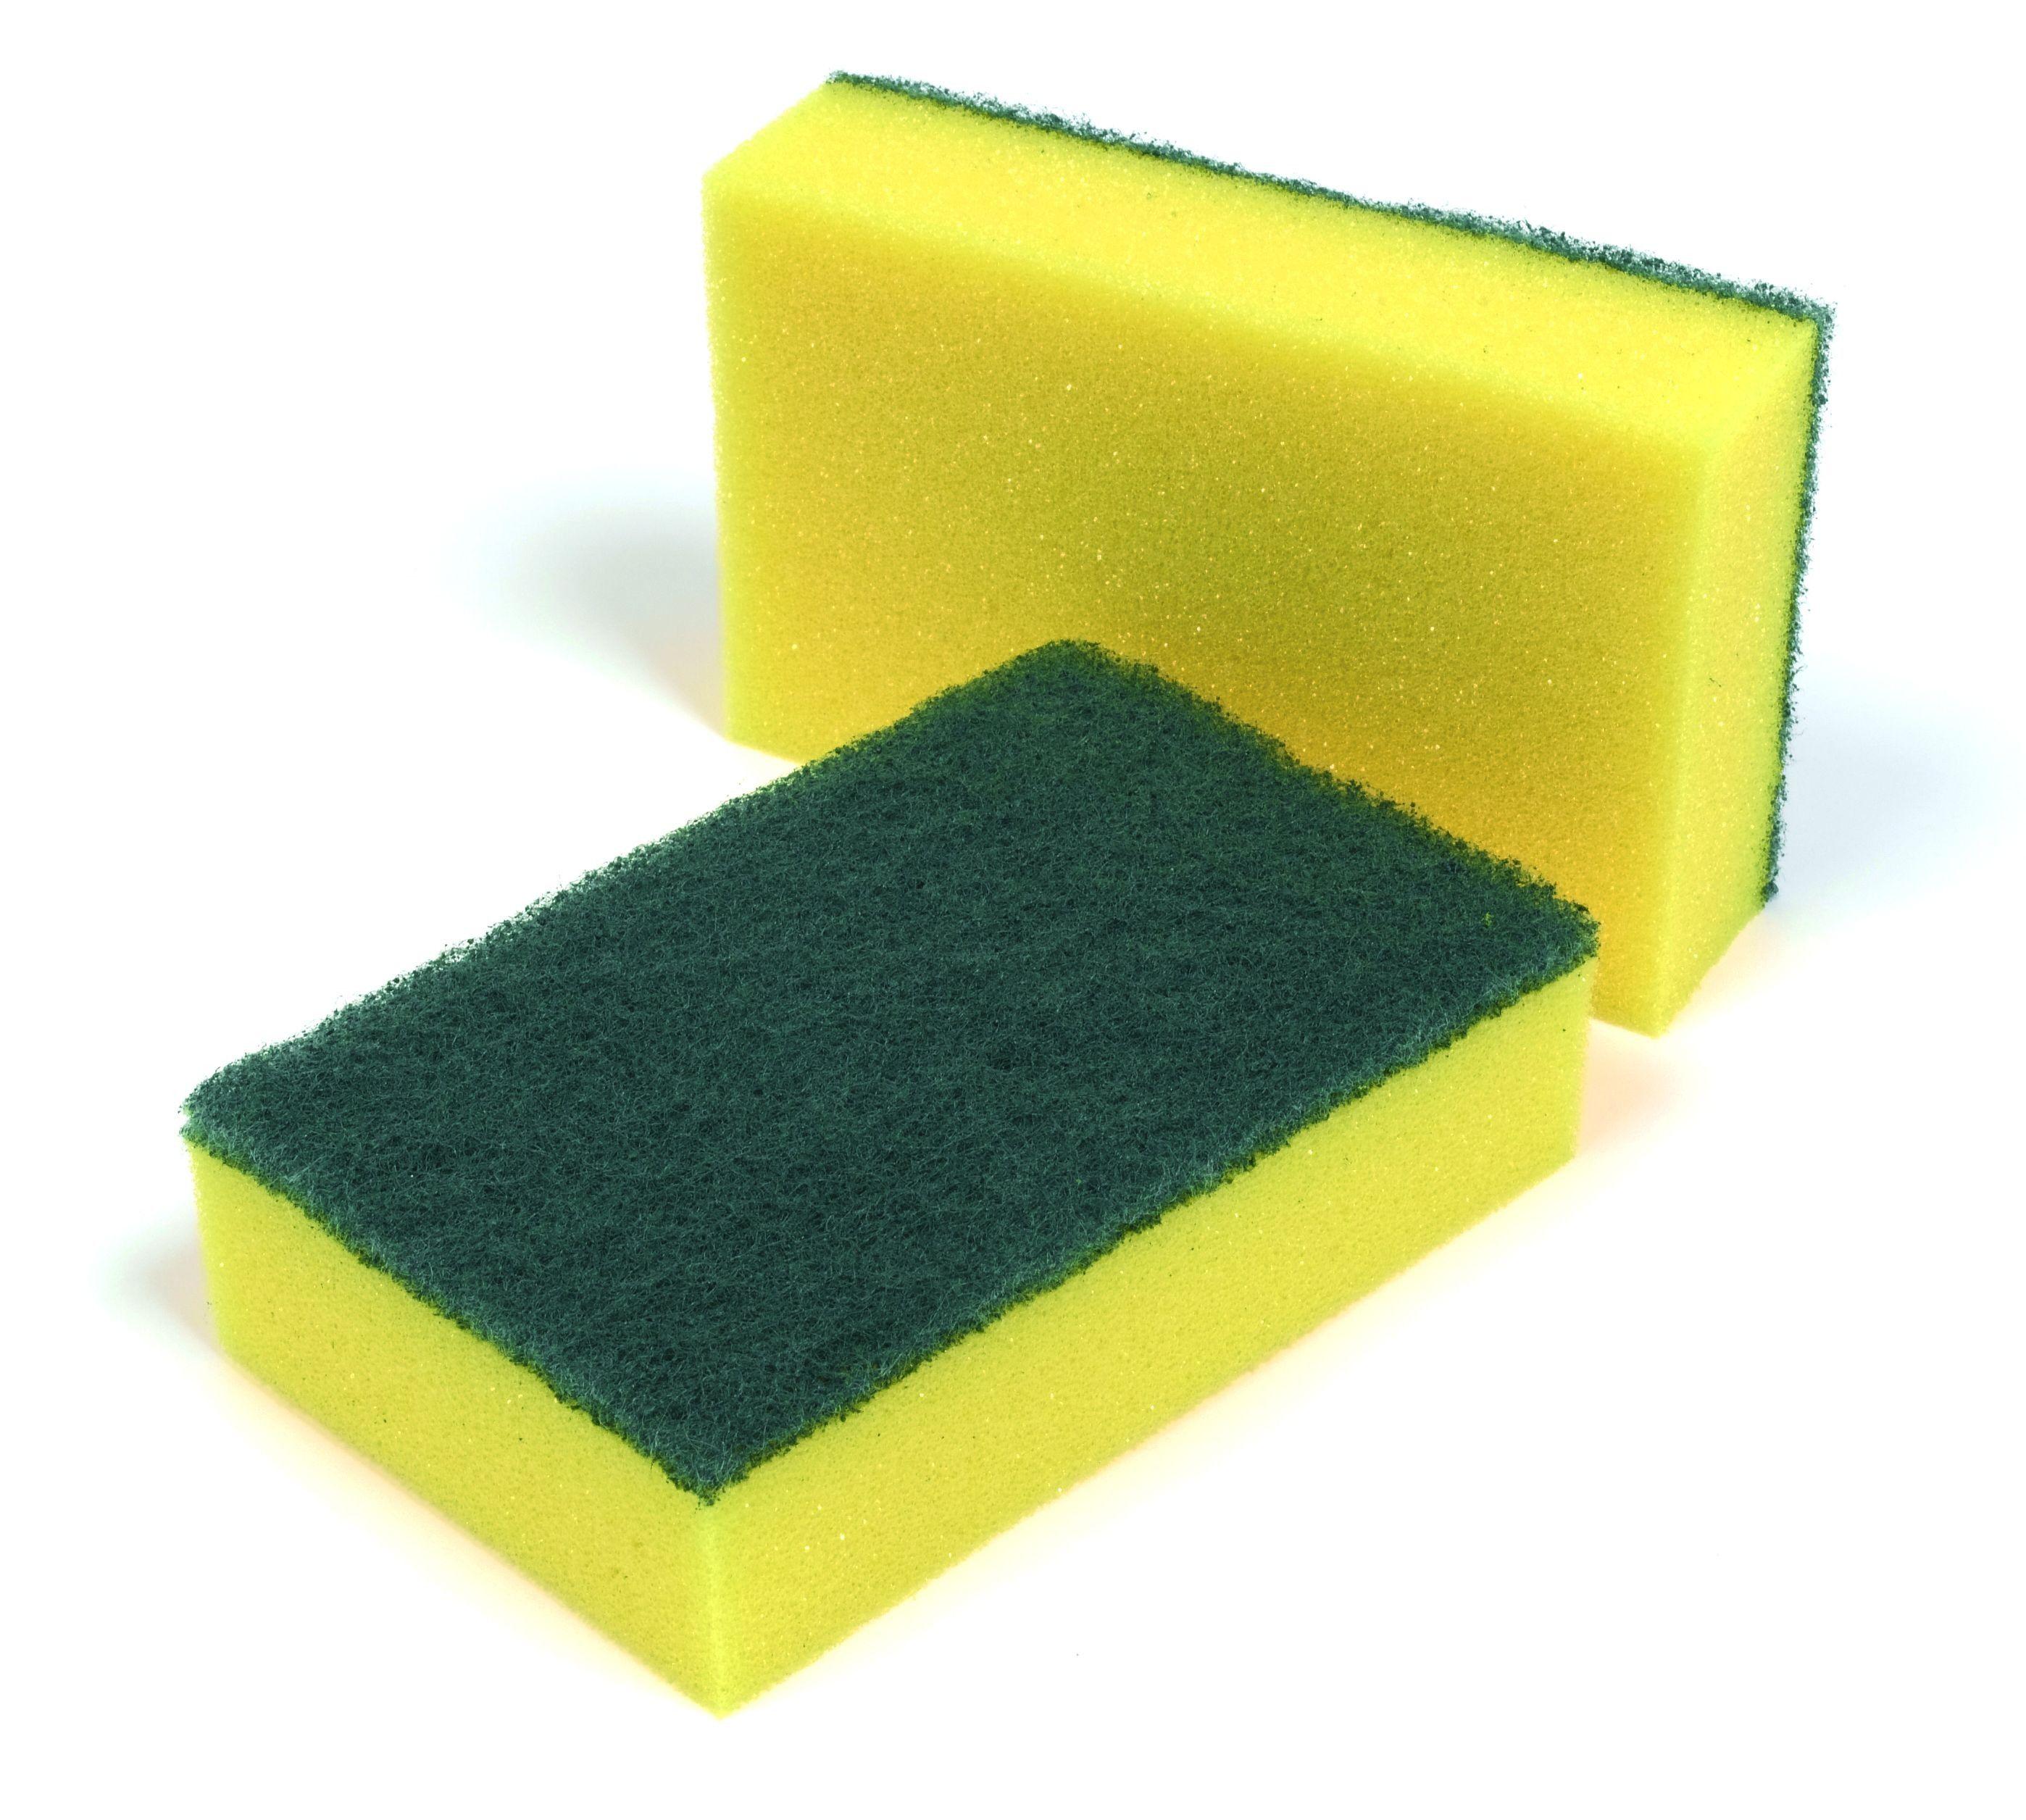 Scourers Sponge | Cleaning | Sponges | Cloths | Scourers | Wholesale ...